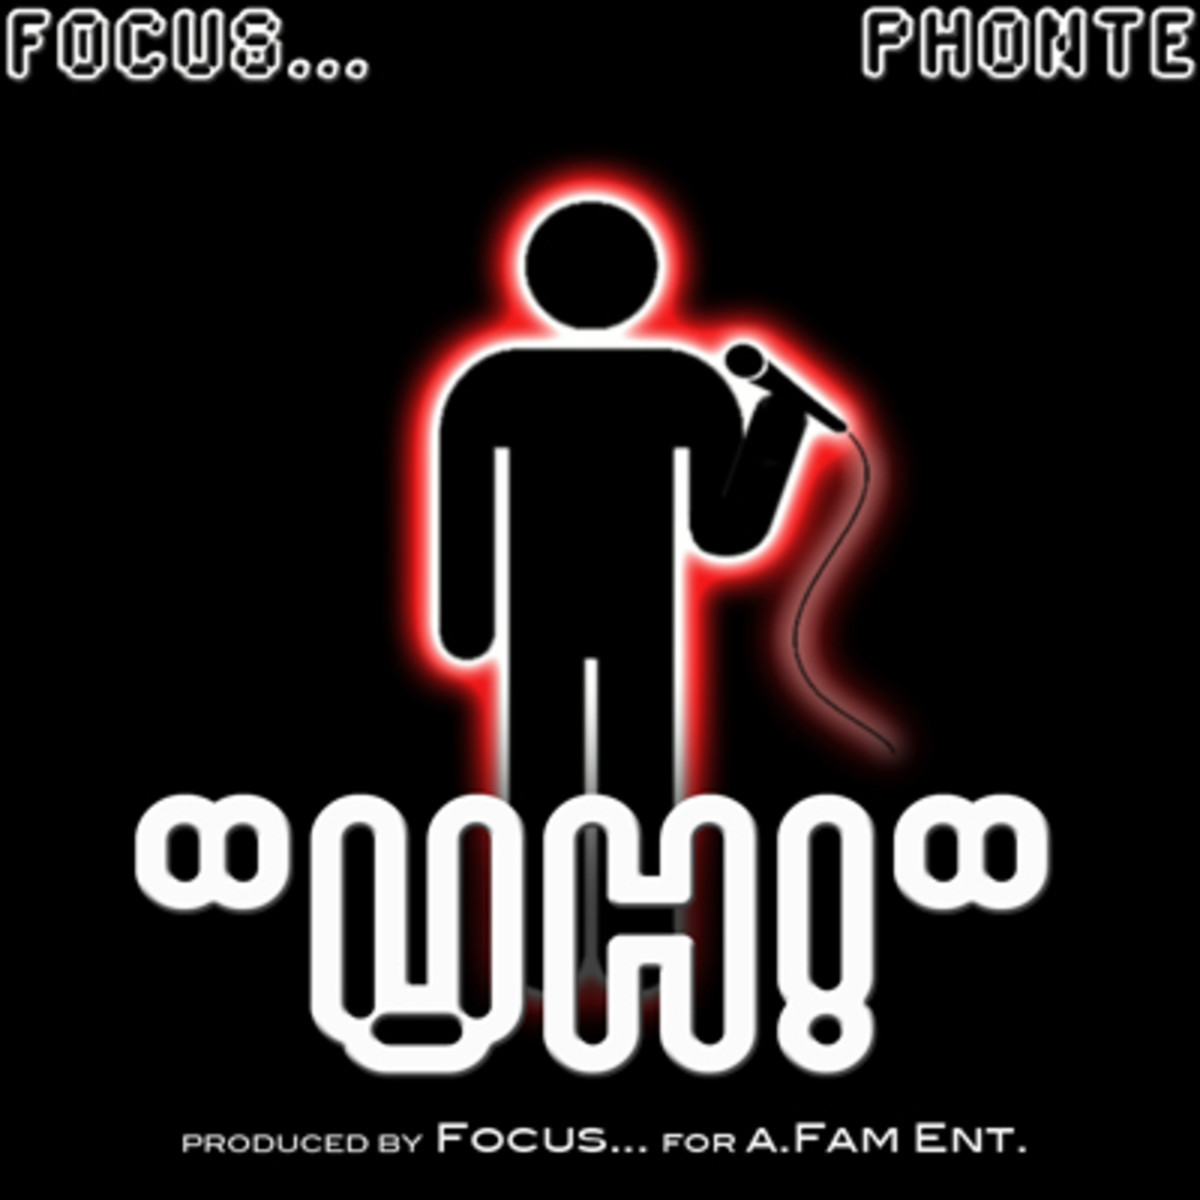 focus-uh.jpg